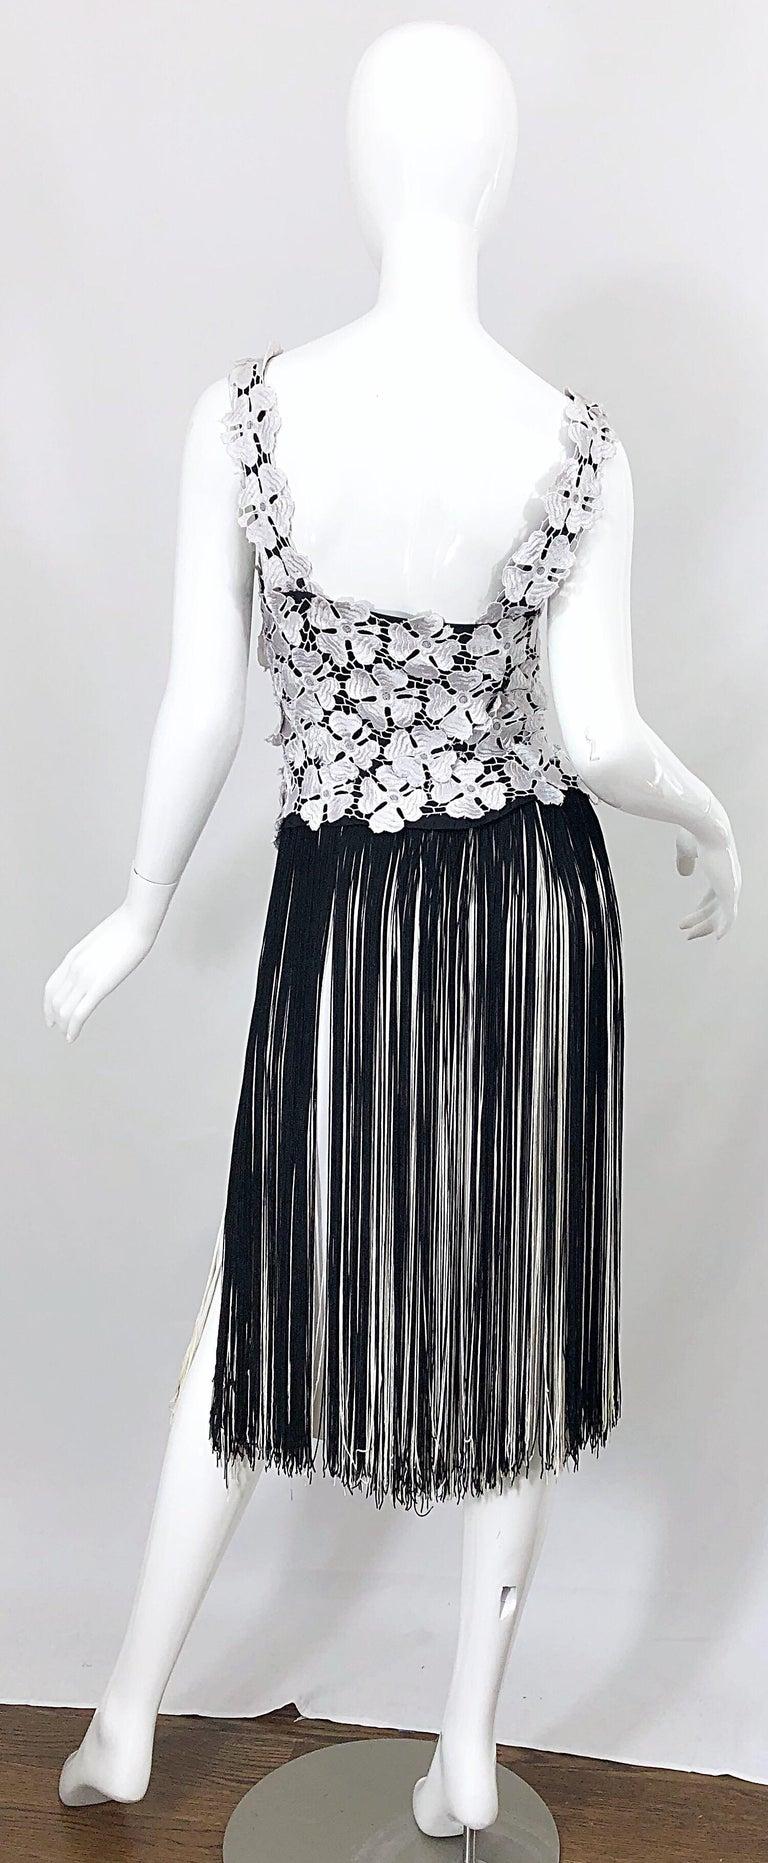 Lillie Rubin 1970s Black And White Flapper Style Crochet